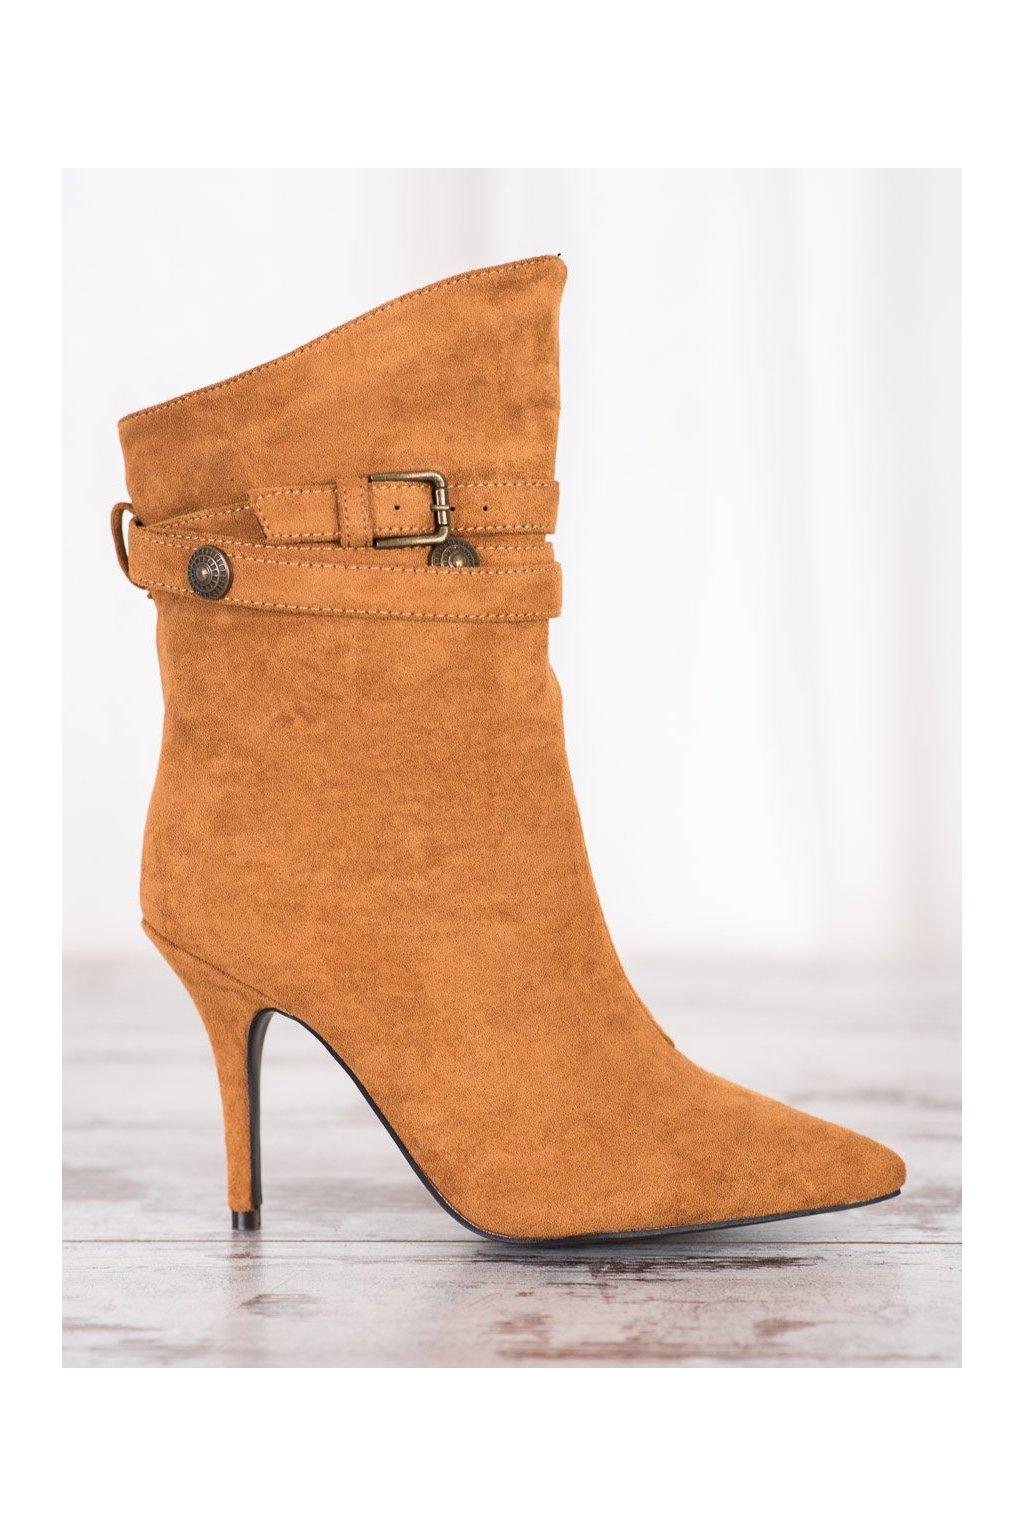 Hnedé dámske topánky Seastar NJSK RB73C